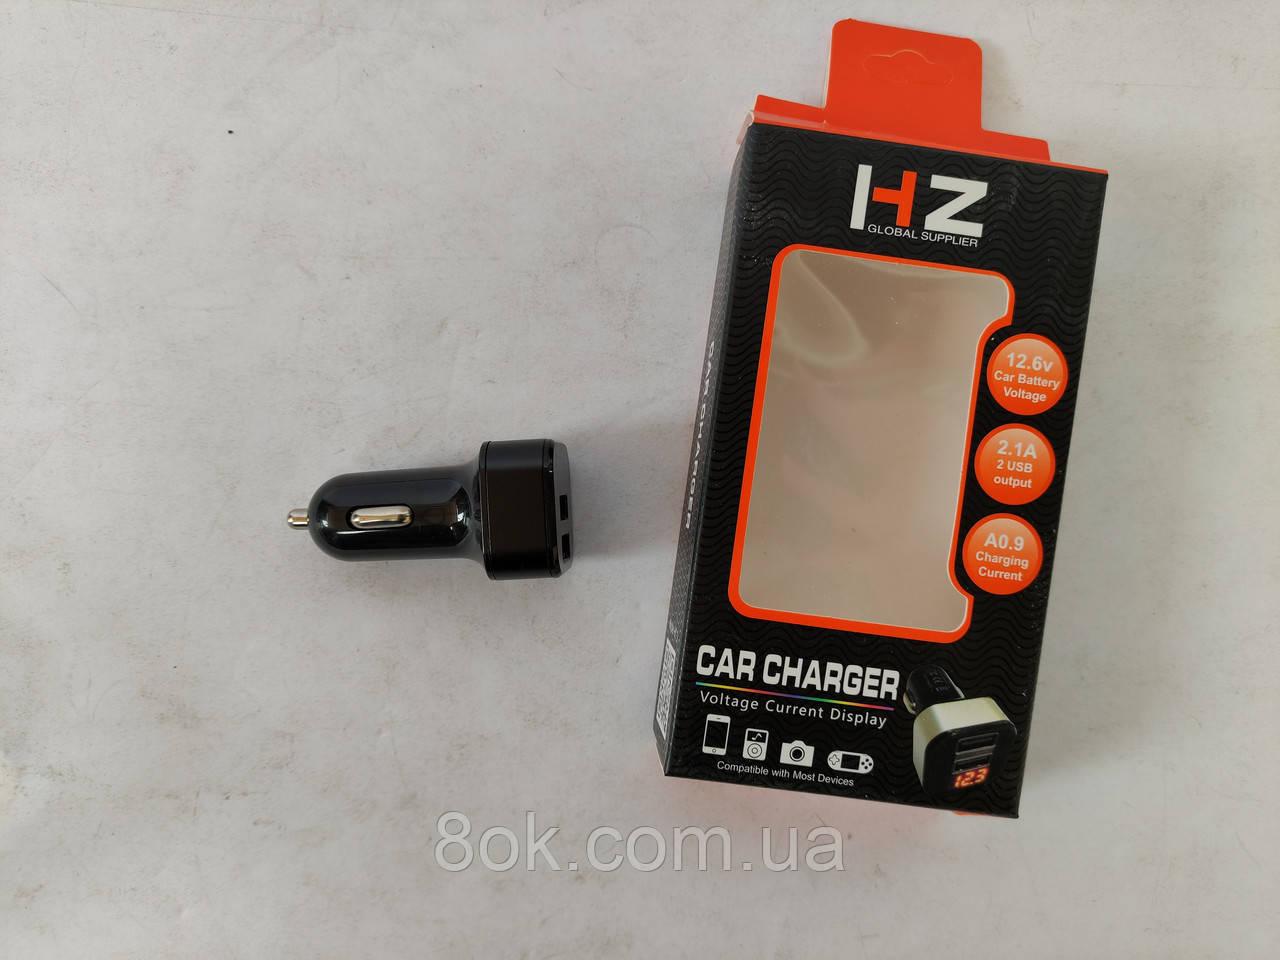 Автомобильная USB зарядка от прикуривателя с экраном HZ CAR CHARGER 3101